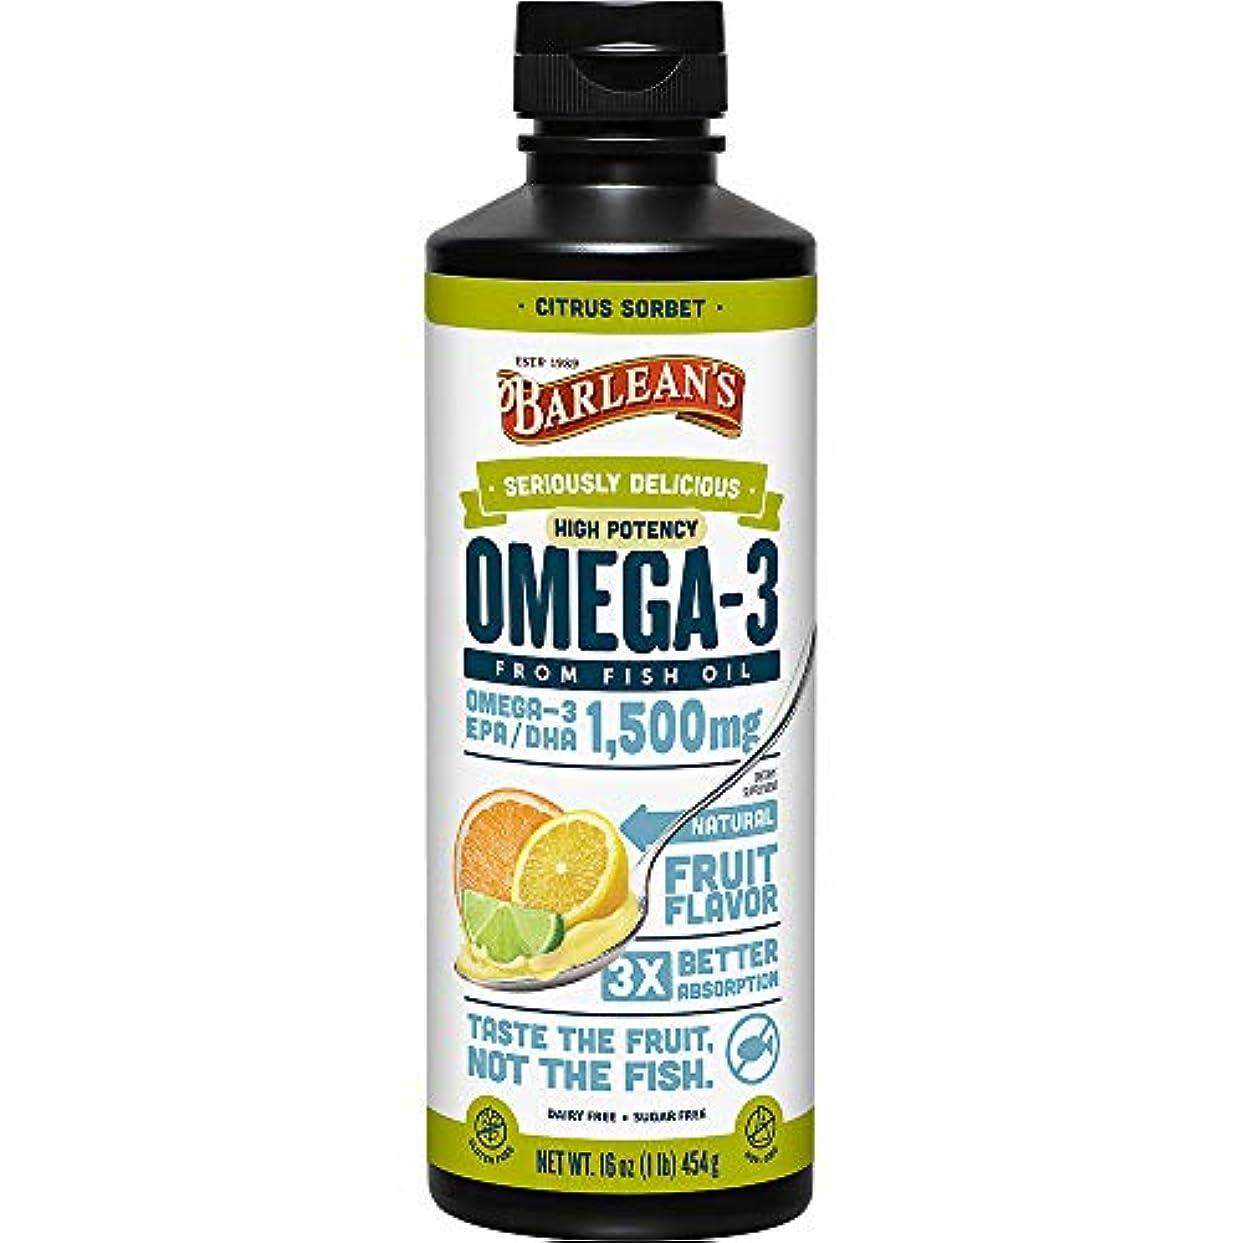 家畜ゴール分Omega Swirl, Ultra High Potency Fish Oil, Citrus Sorbet - Barlean's - UK Seller by Barlean's